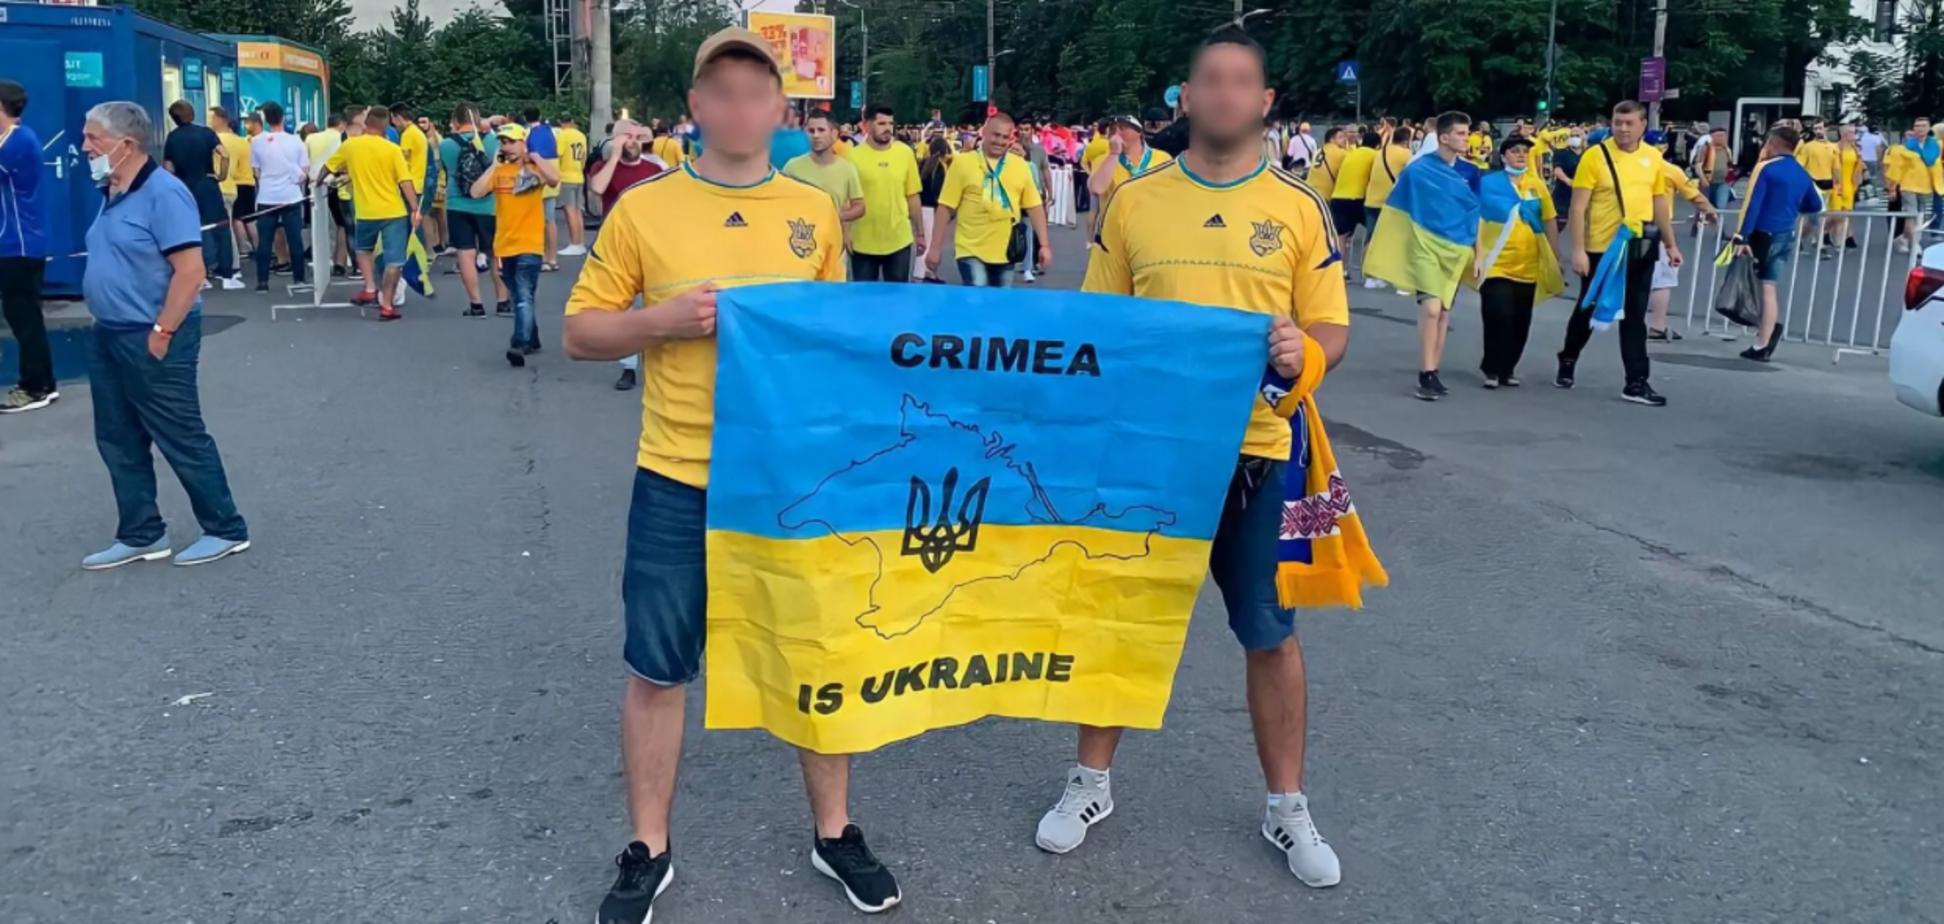 Украинцев не пустили на стадион в Бухаресте с картой Крыма